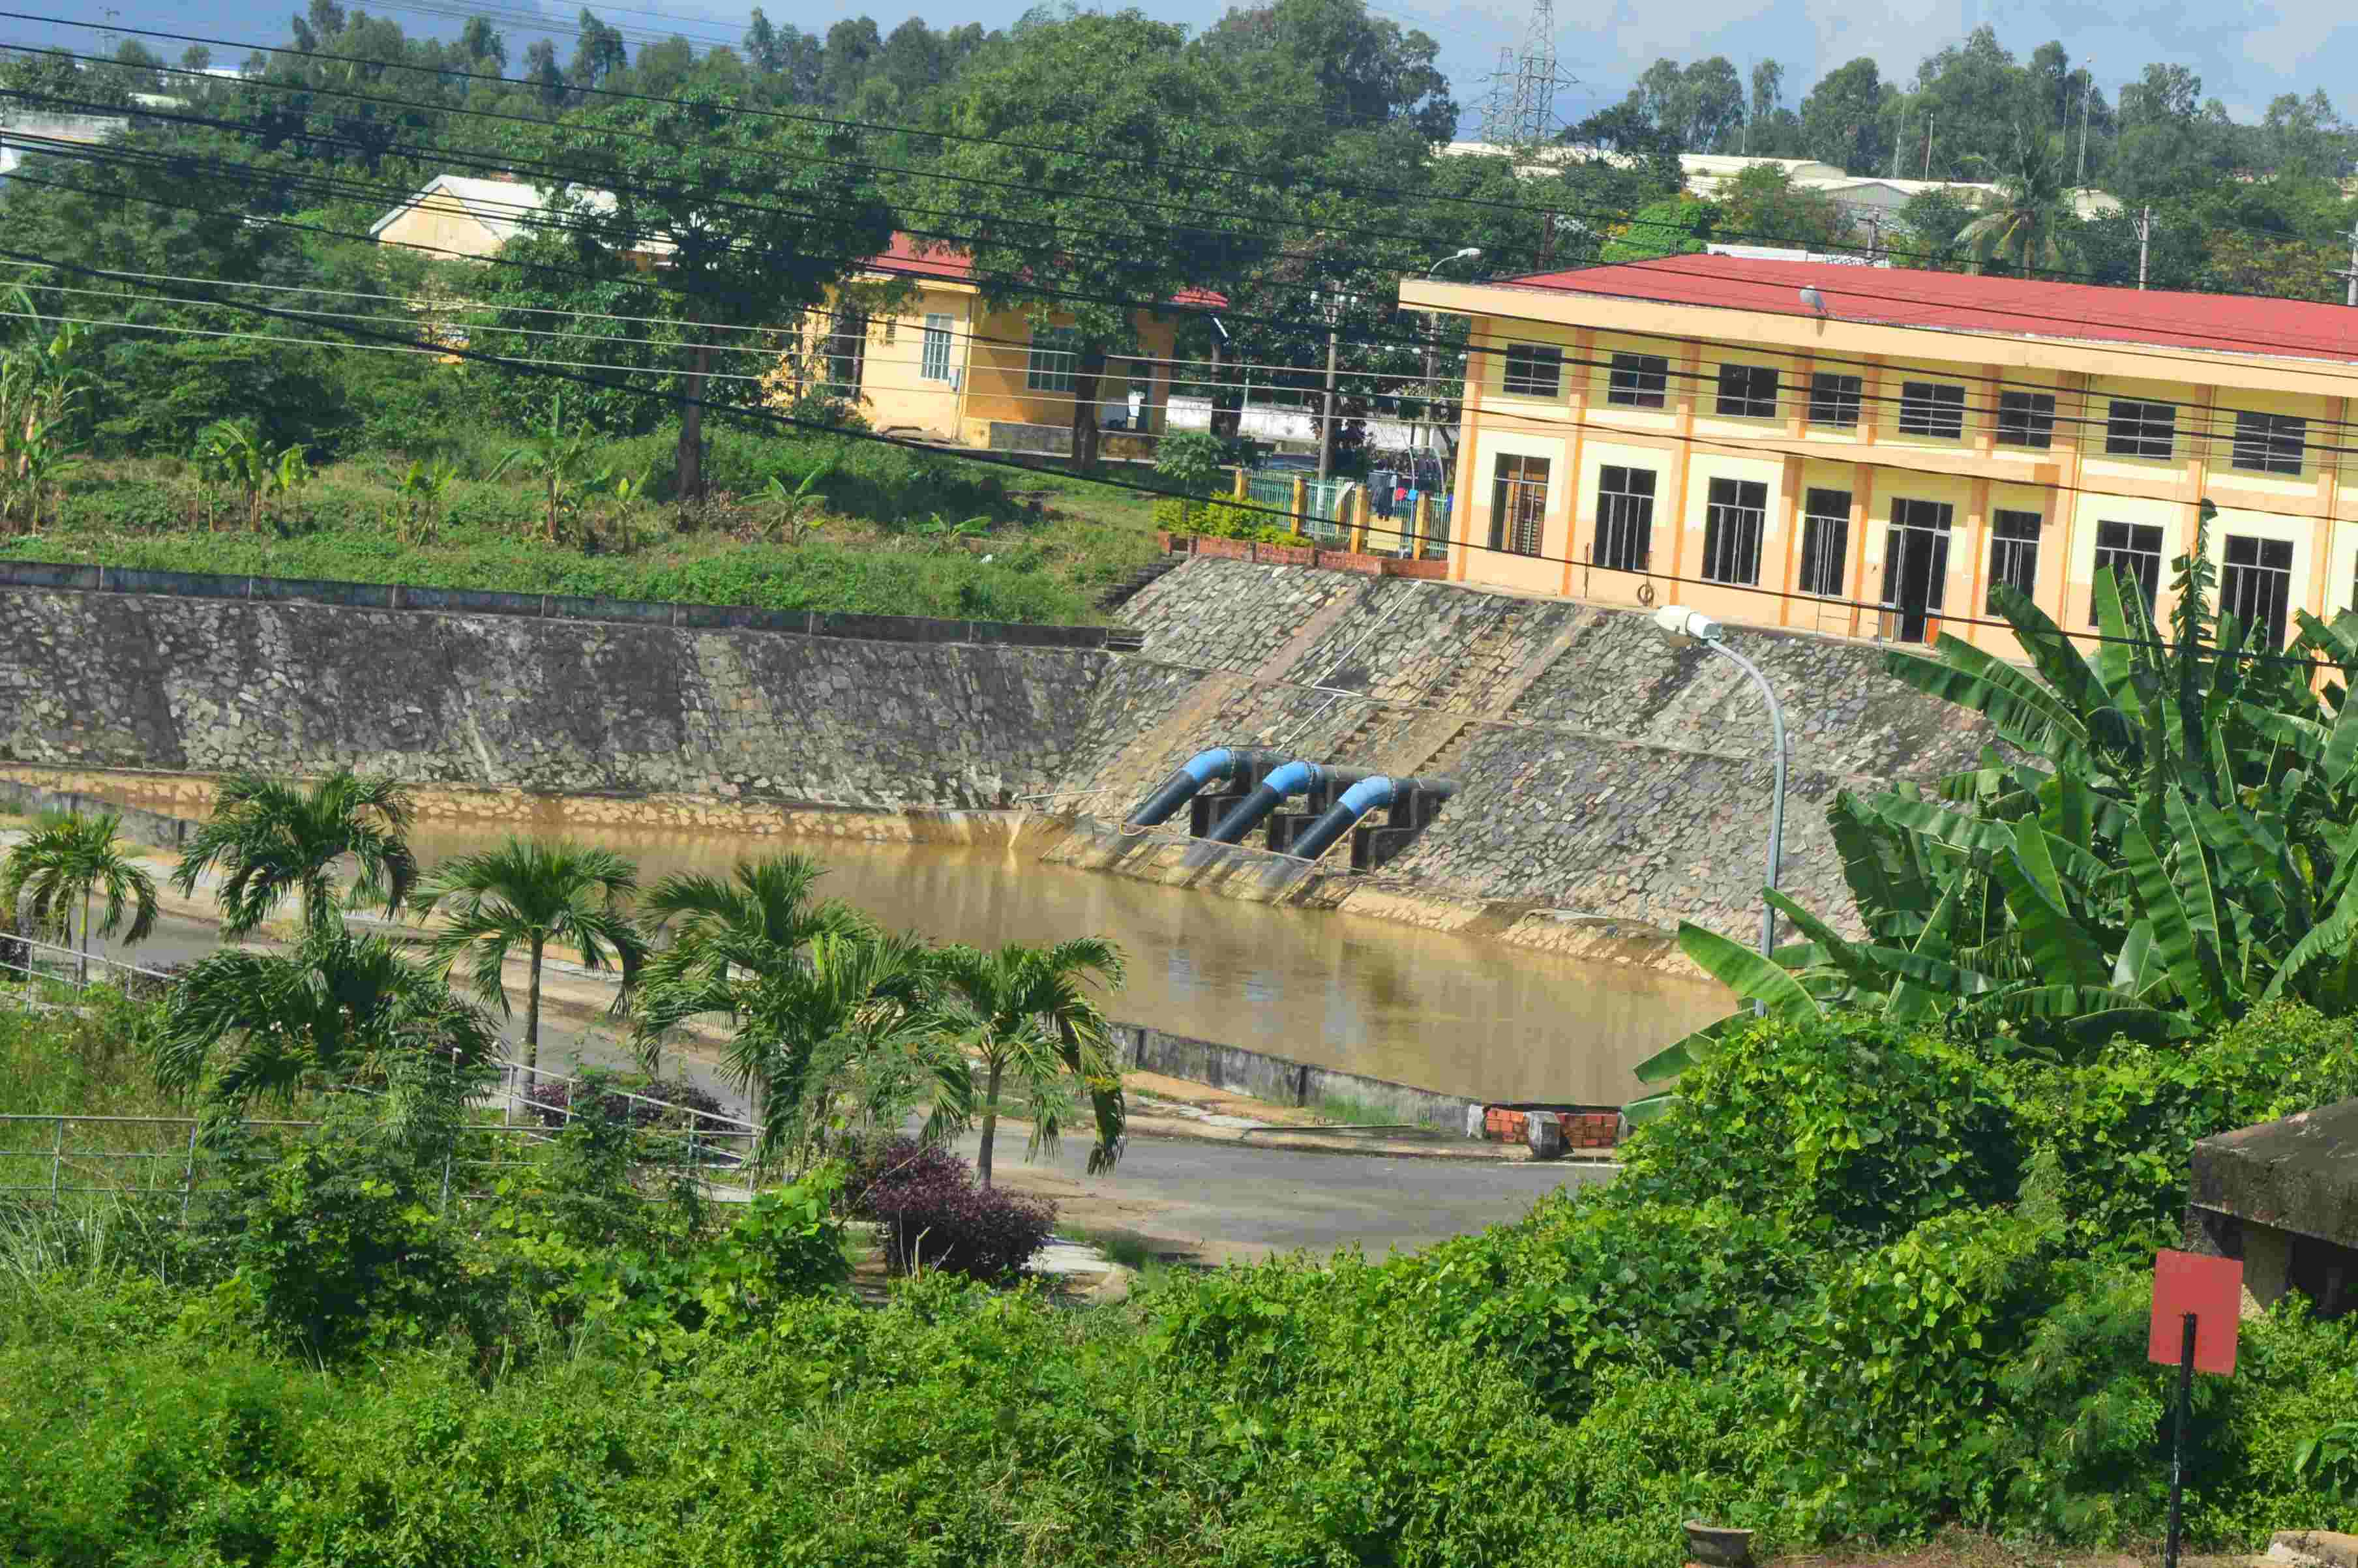 Người dân Đà Nẵng thiếu nước sinh hoạt trên diện rộng vì nước trên sông Cầu Đỏ bị nhiễm mặn. Ảnh: Q.T